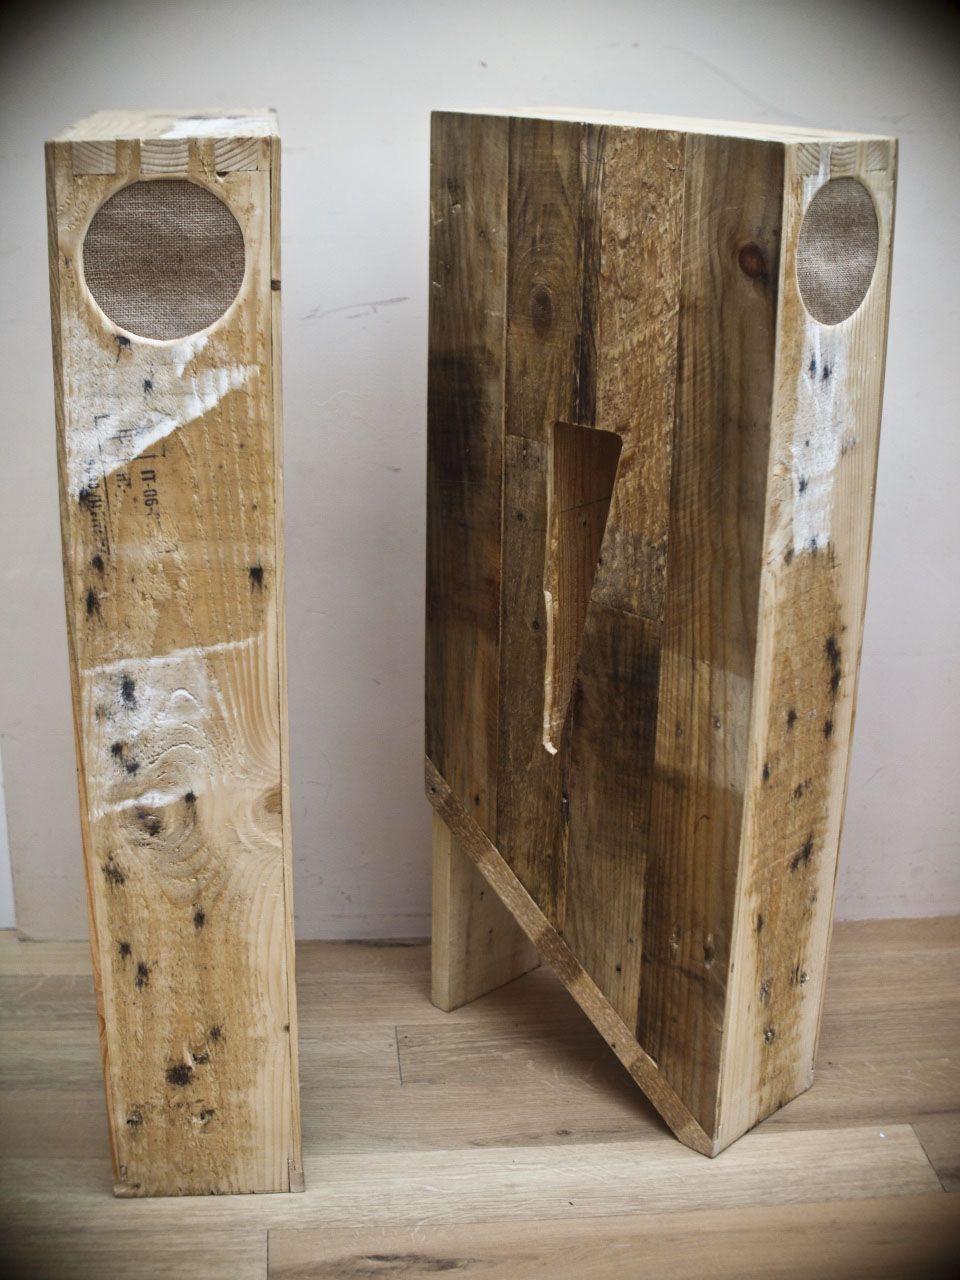 Lautsprecherständer Diy  Rustic Speakers Teardrop metal grill